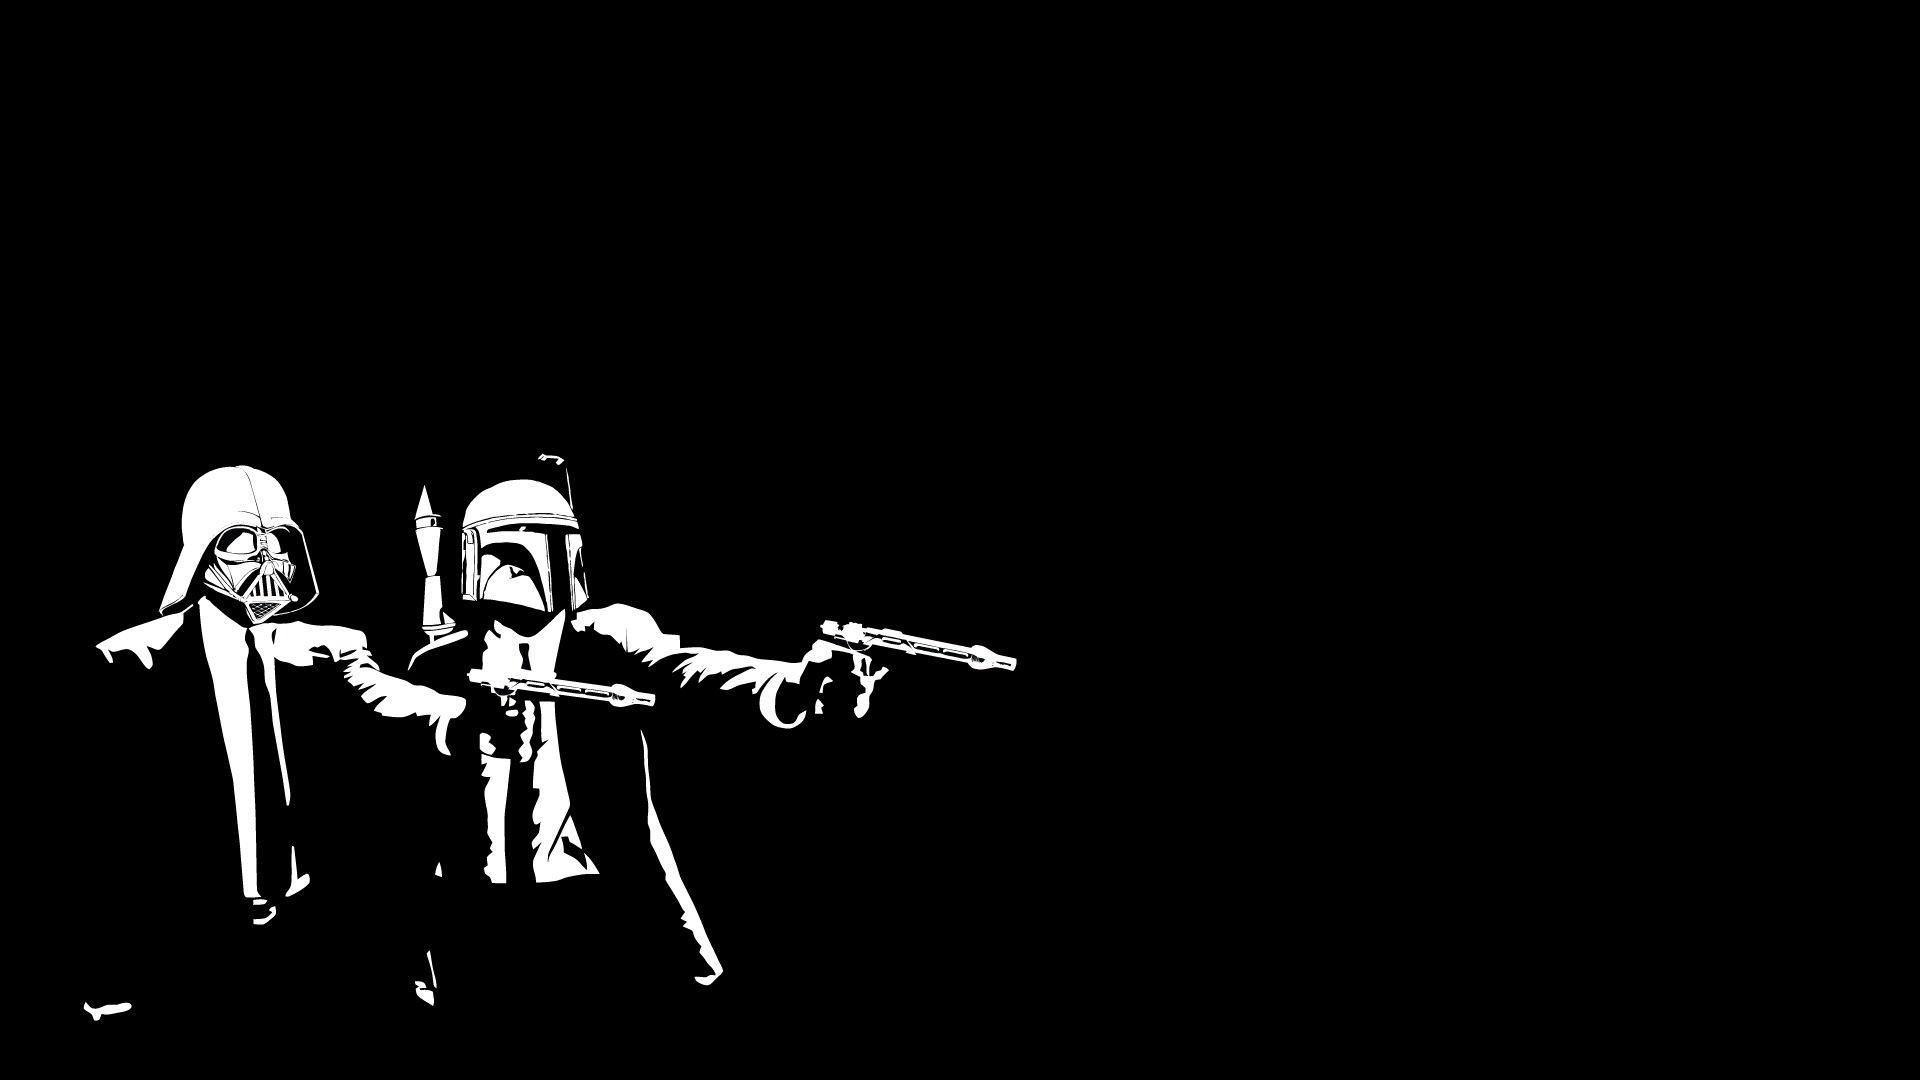 Star Wars Darth Vader Boba Fett The Boondock Saints